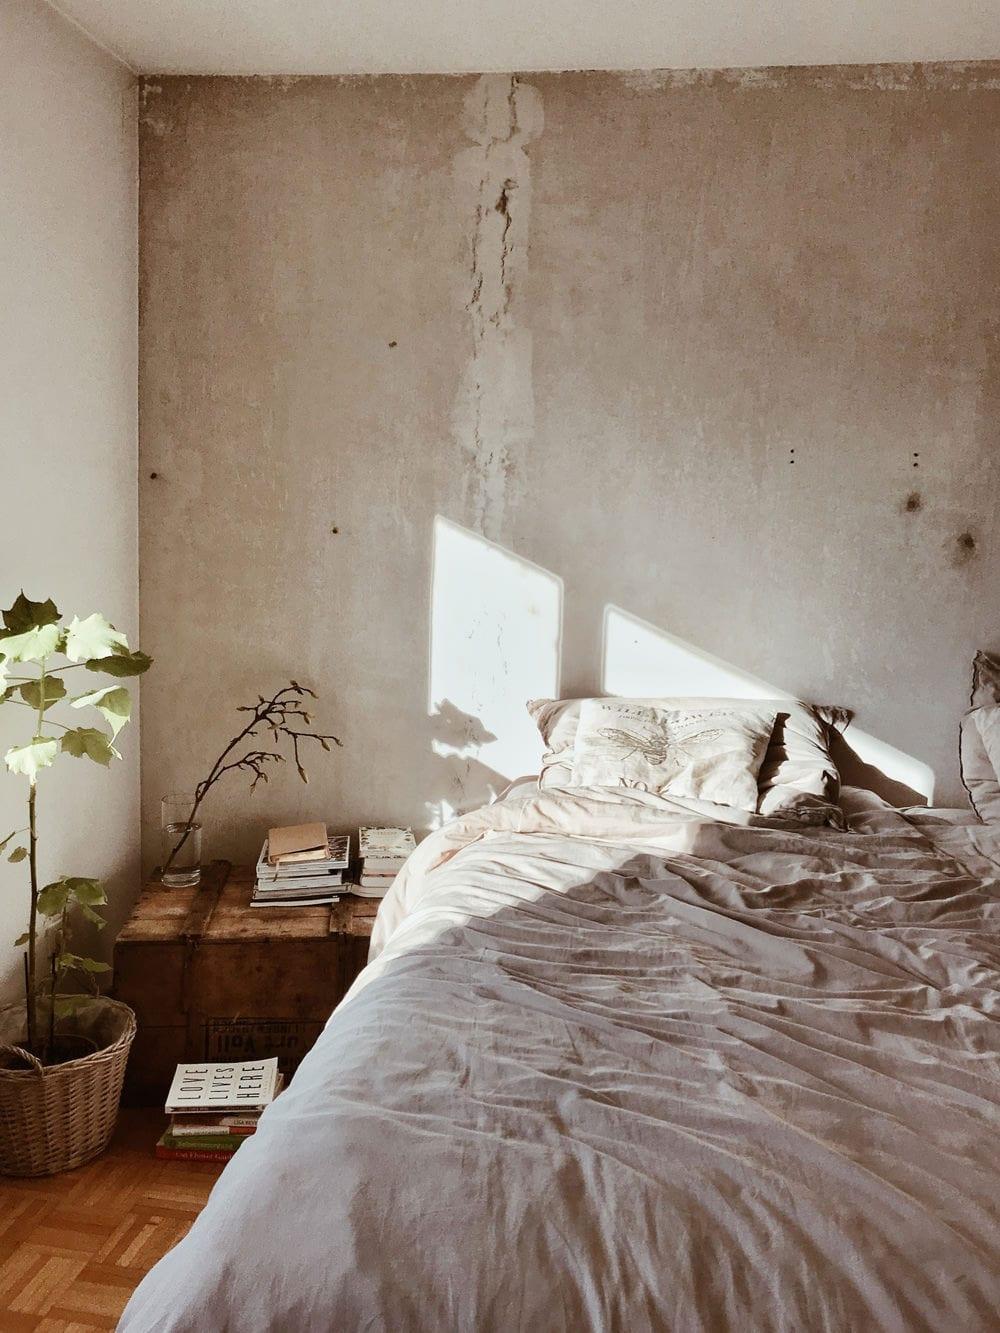 Schlafzimmer im Shabby Chic, Foto: Nine Köpfer / Unsplash